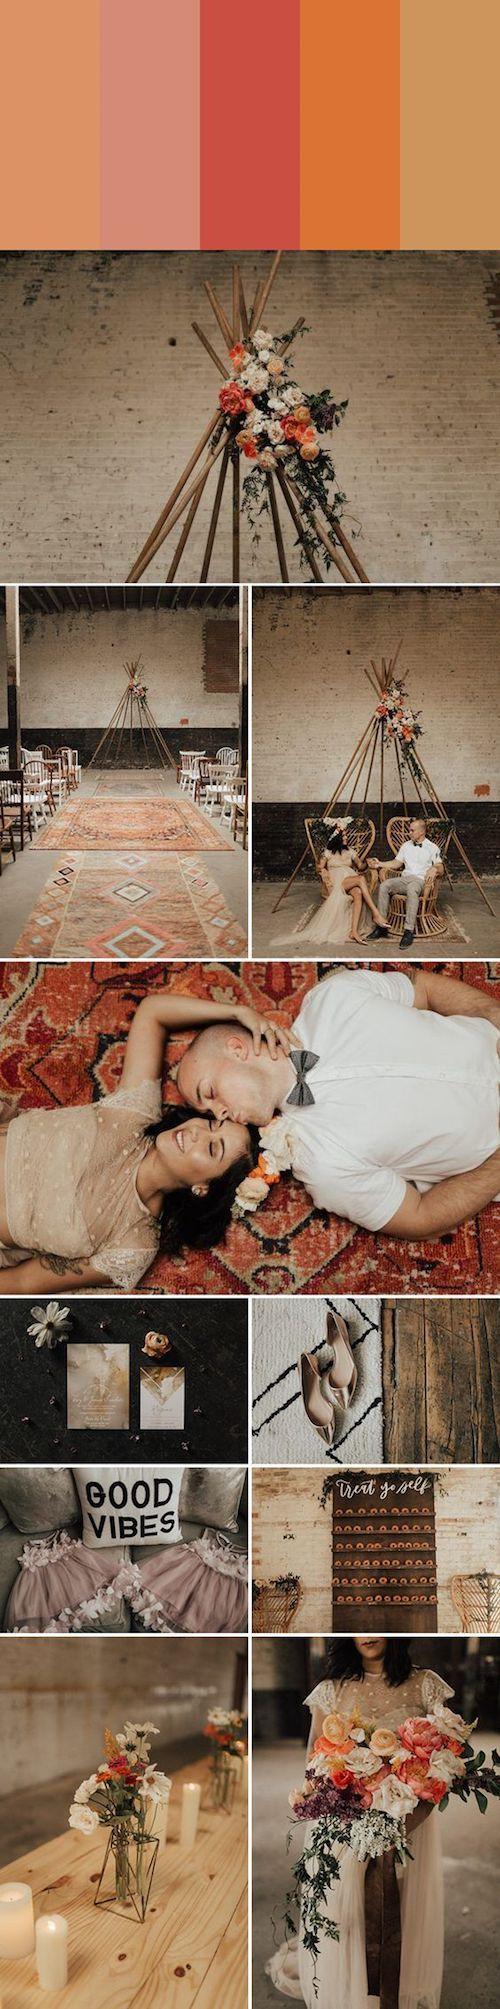 Las paletas monocromáticas te sacarán de apuros y complementan cualquier estilo de bodas. Este tono durazno, por ejemplo, para una boda boho. Foto: Lauren Nicole Photography.